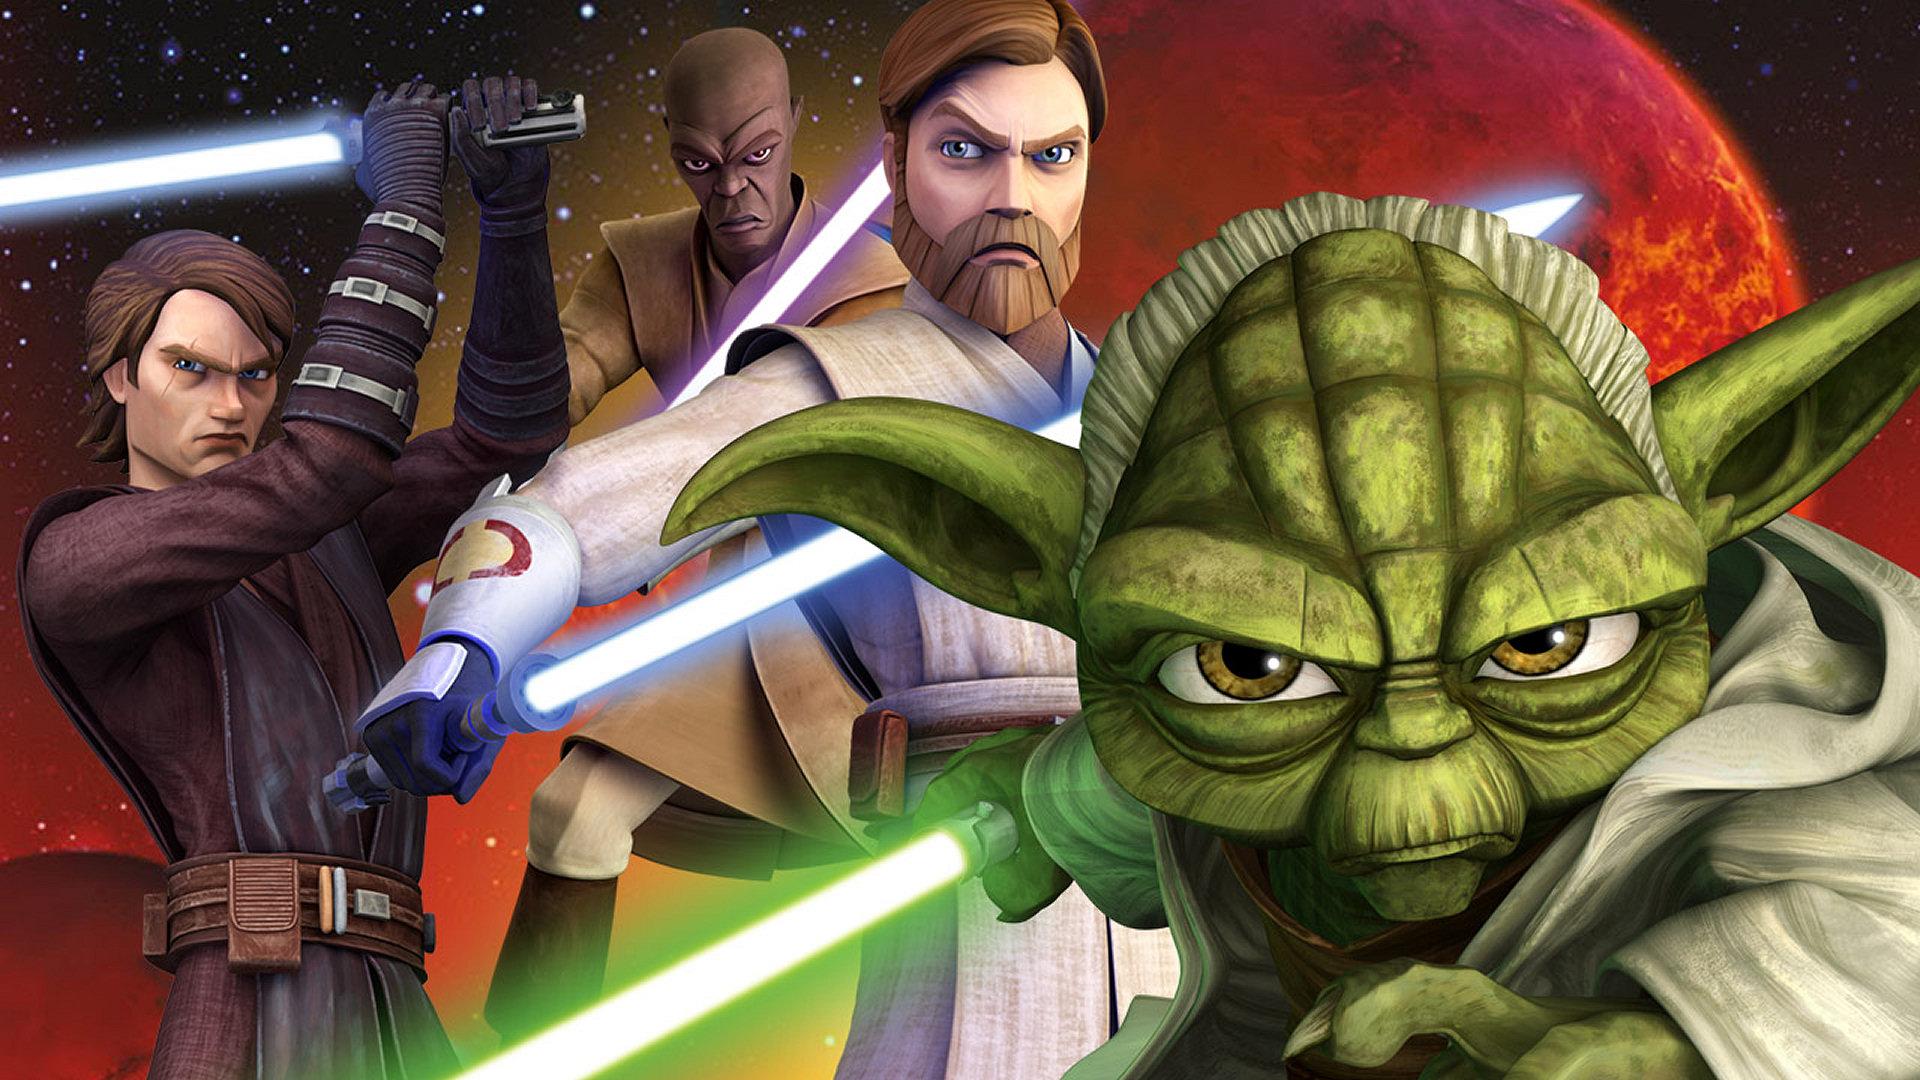 Star Wars Anakin Skywalker Obi Wan Kenobi Yoda Mace Windu Lightsaber 1920x1080